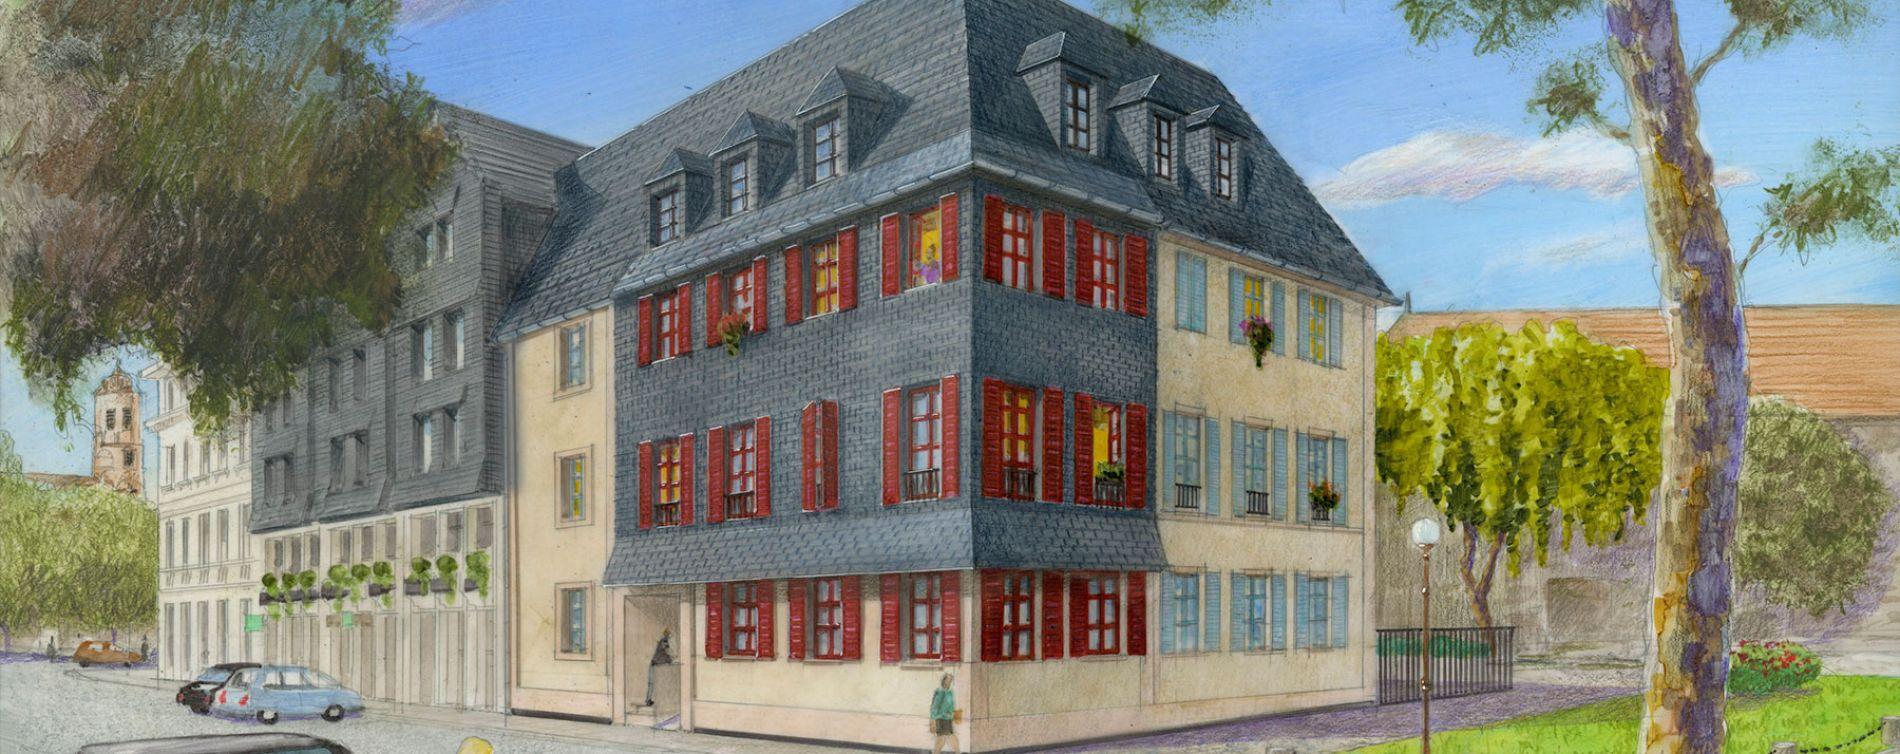 Honfleur : programme immobilier à rénover « Résidence du Bassin du Centre » en Loi Malraux